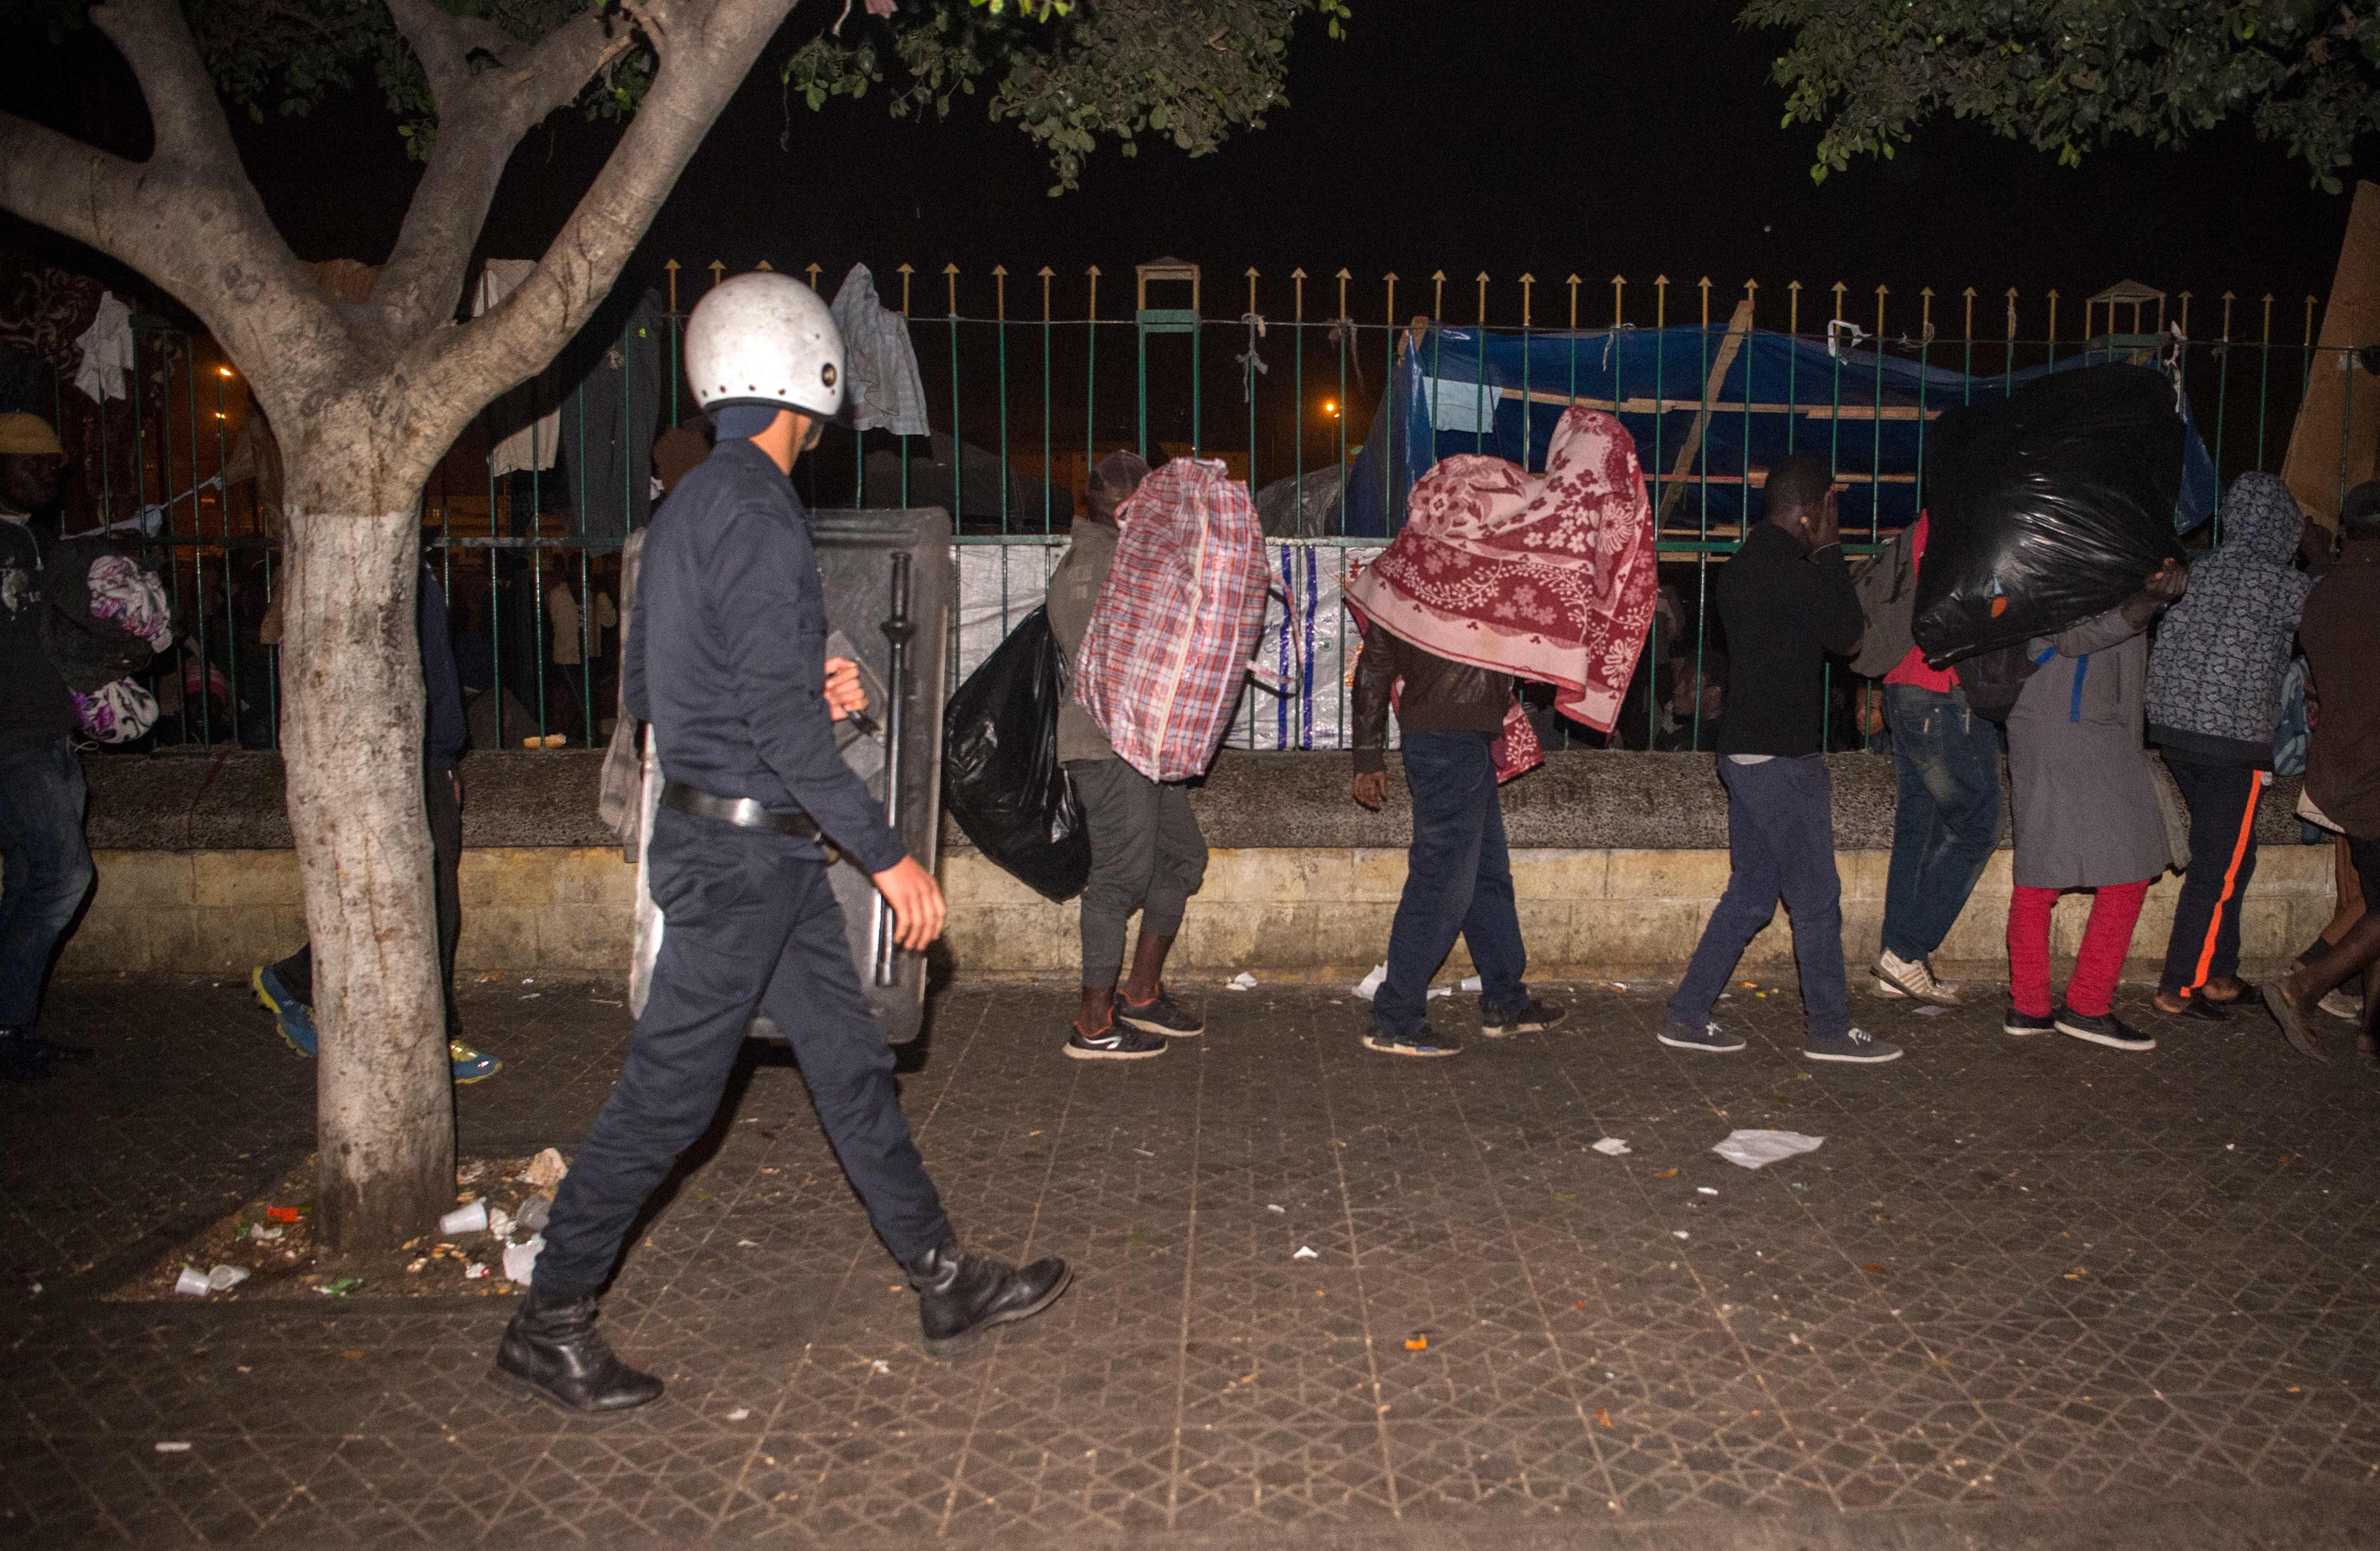 الشرطة المغربية تسيطر على أحداث العنف فى الدار البيضاء